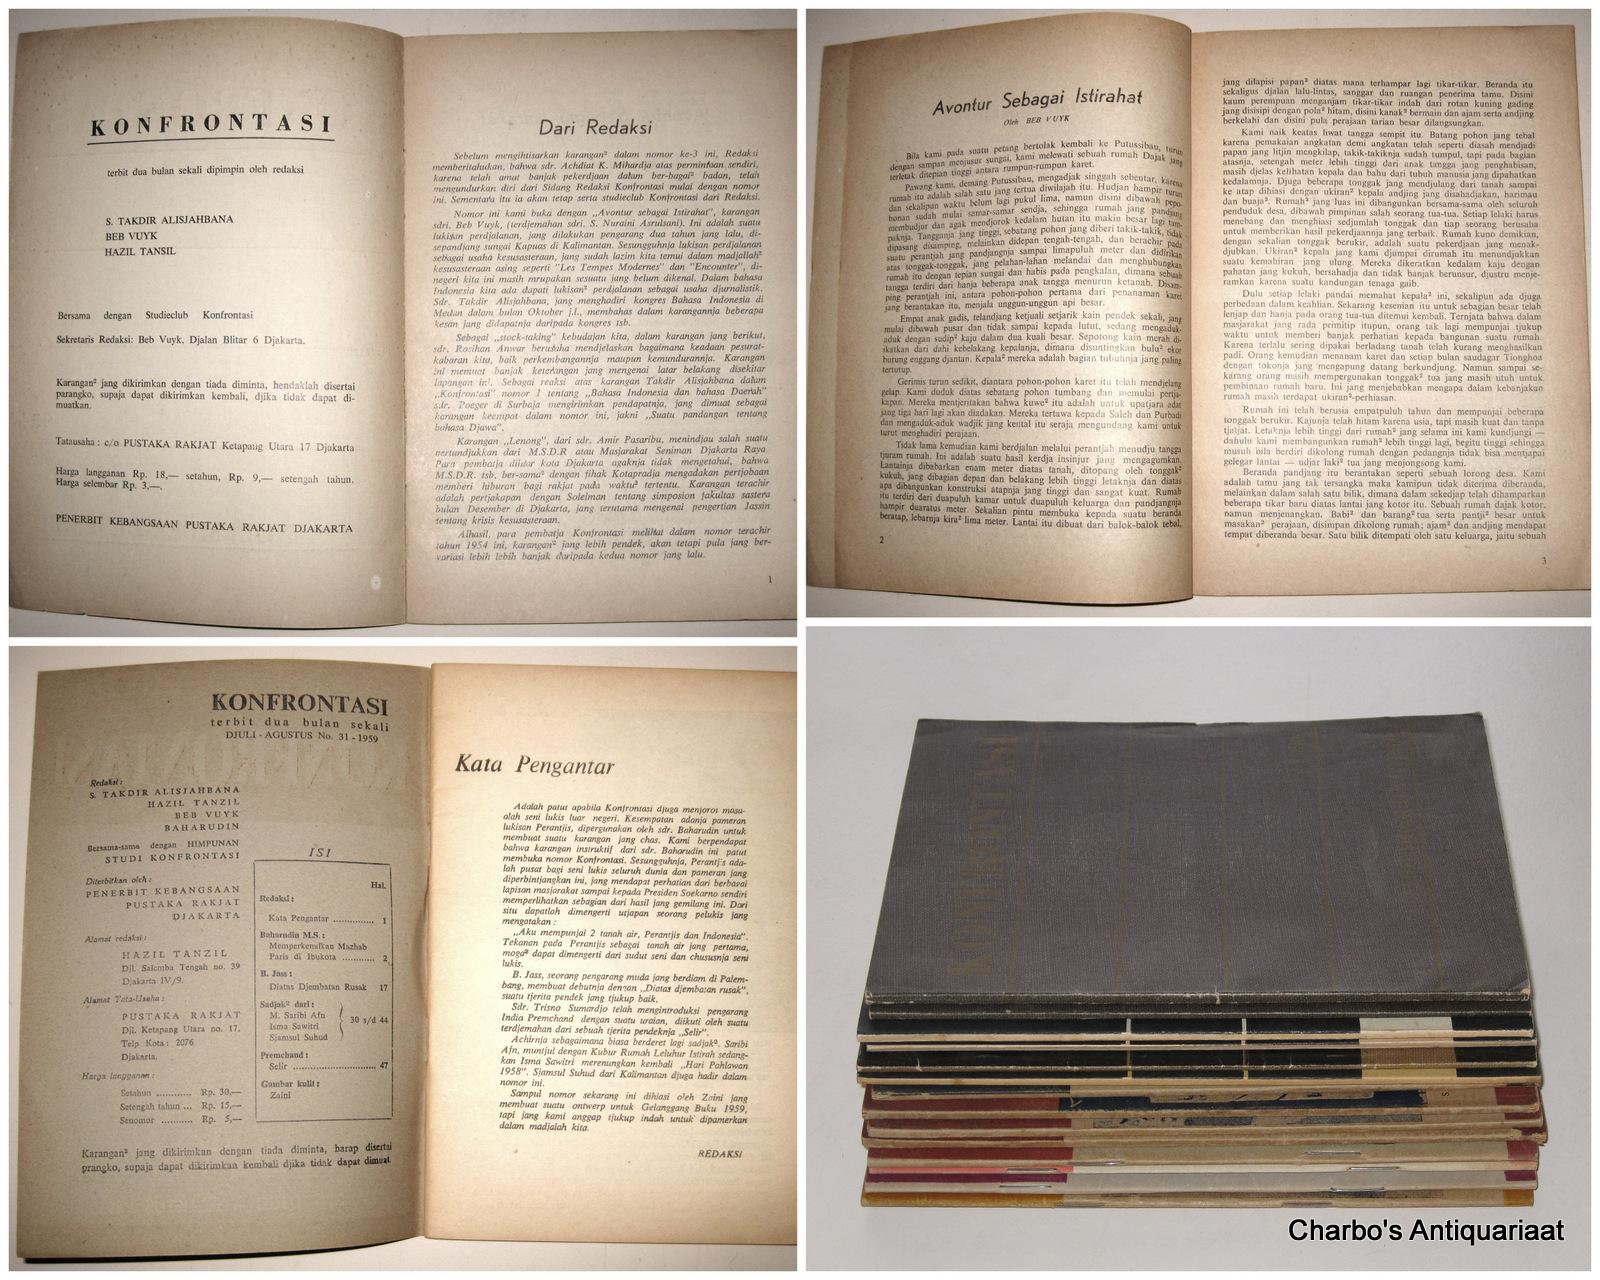 VUYK, BEP (ET AL, EDS.), -  Konfrontasi, terbit dua bulan sekali. Nos. 2-7 + 11-14 + 25 + 28 + 30 + 31, Sept/Okt. 1954 - Djuli/Aug. 1959.